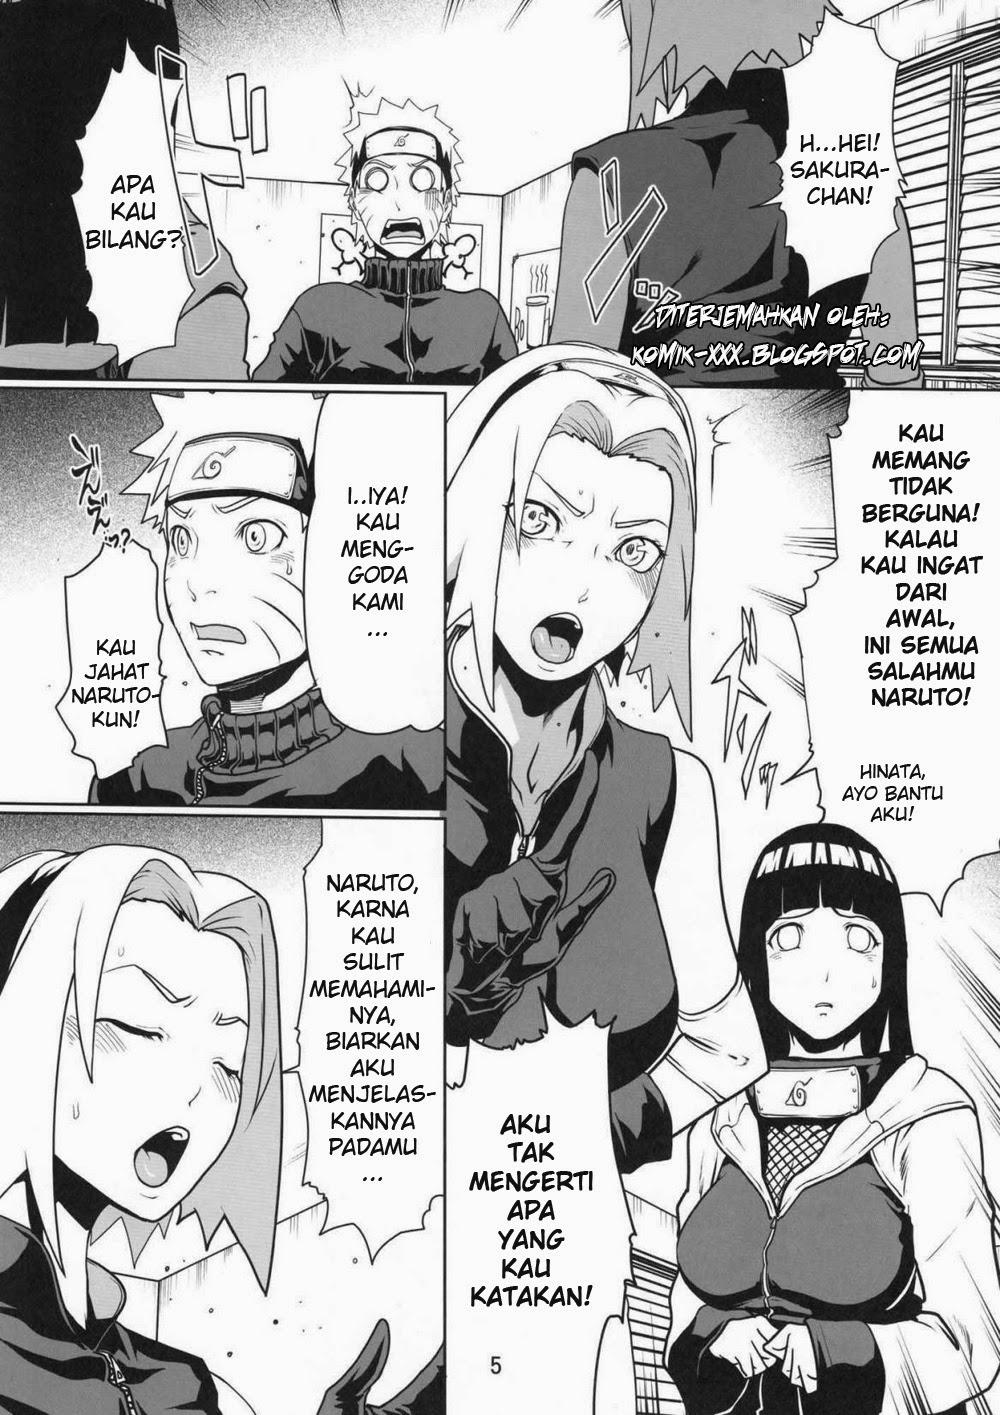 Hentai manga naruto Naruto Hentai